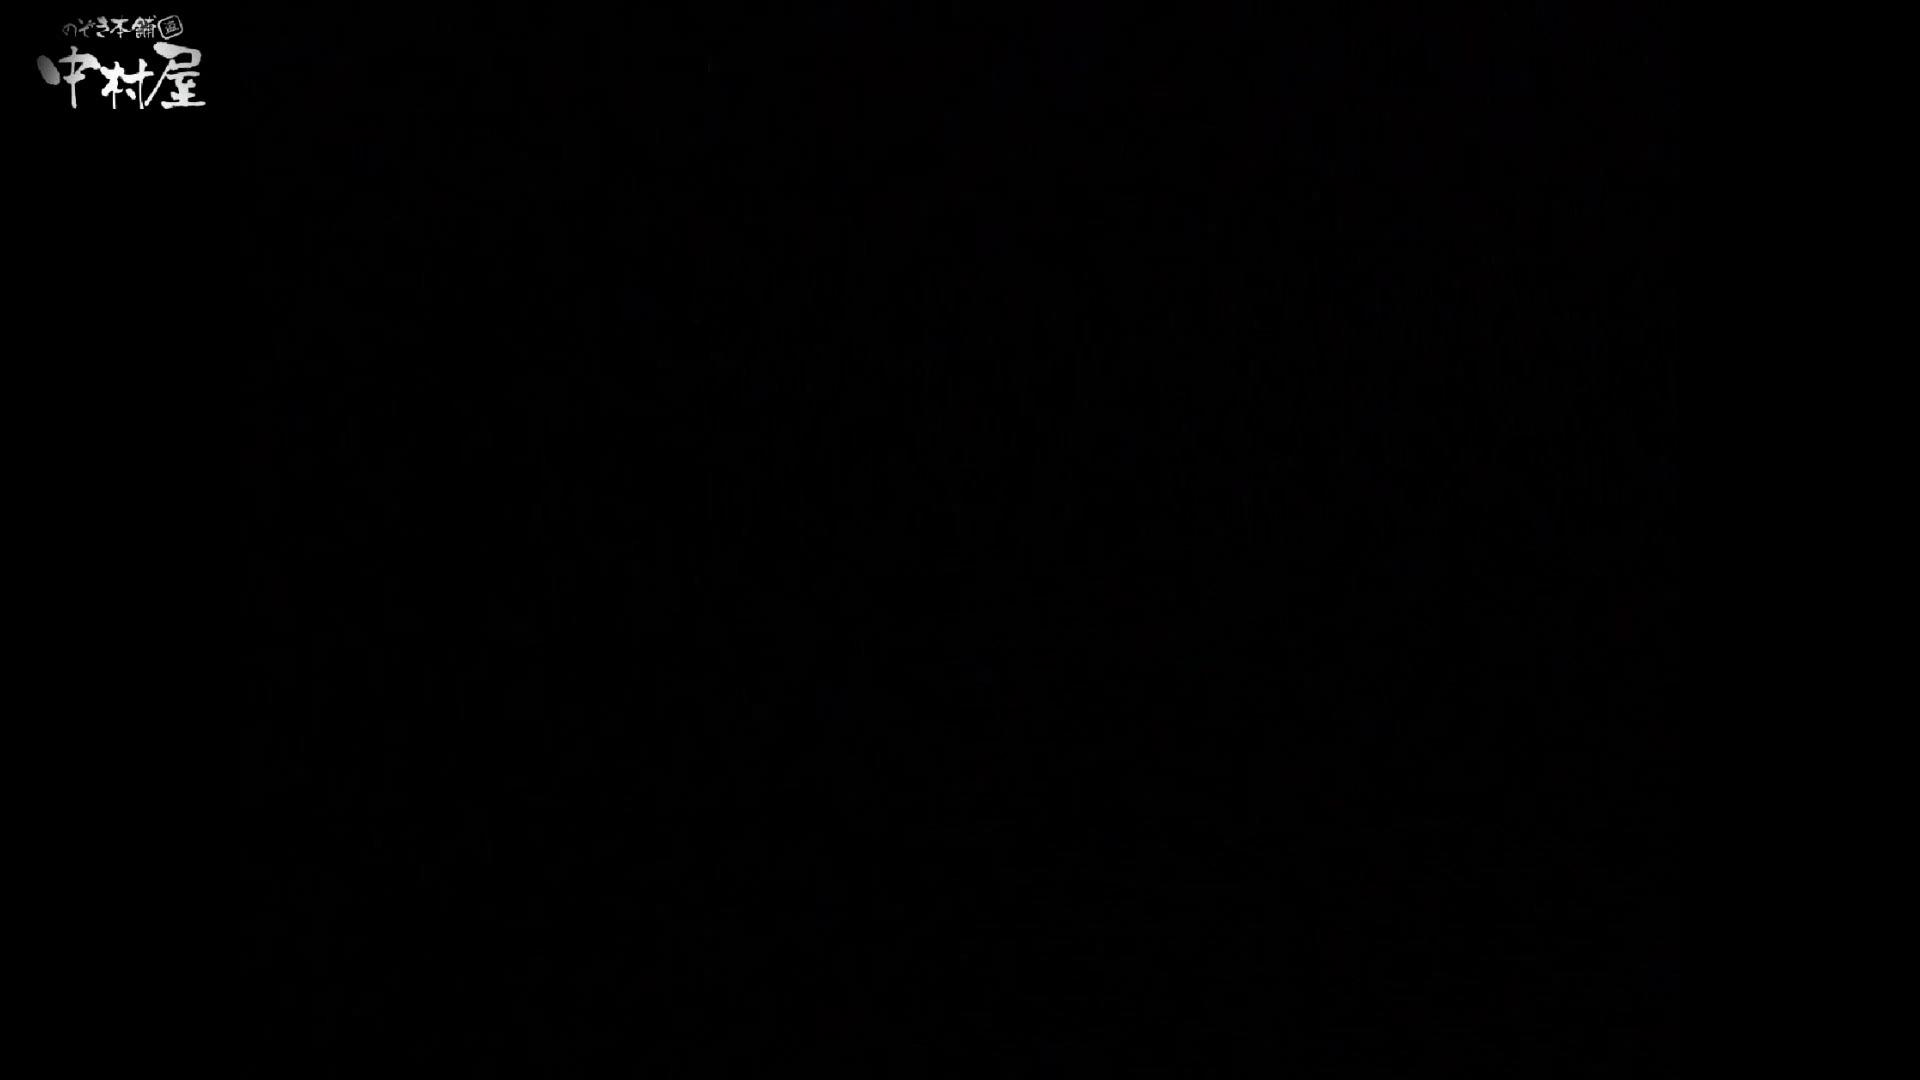 民家風呂専門盗撮師の超危険映像 vol.018 盗撮 ヌード画像 97連発 9